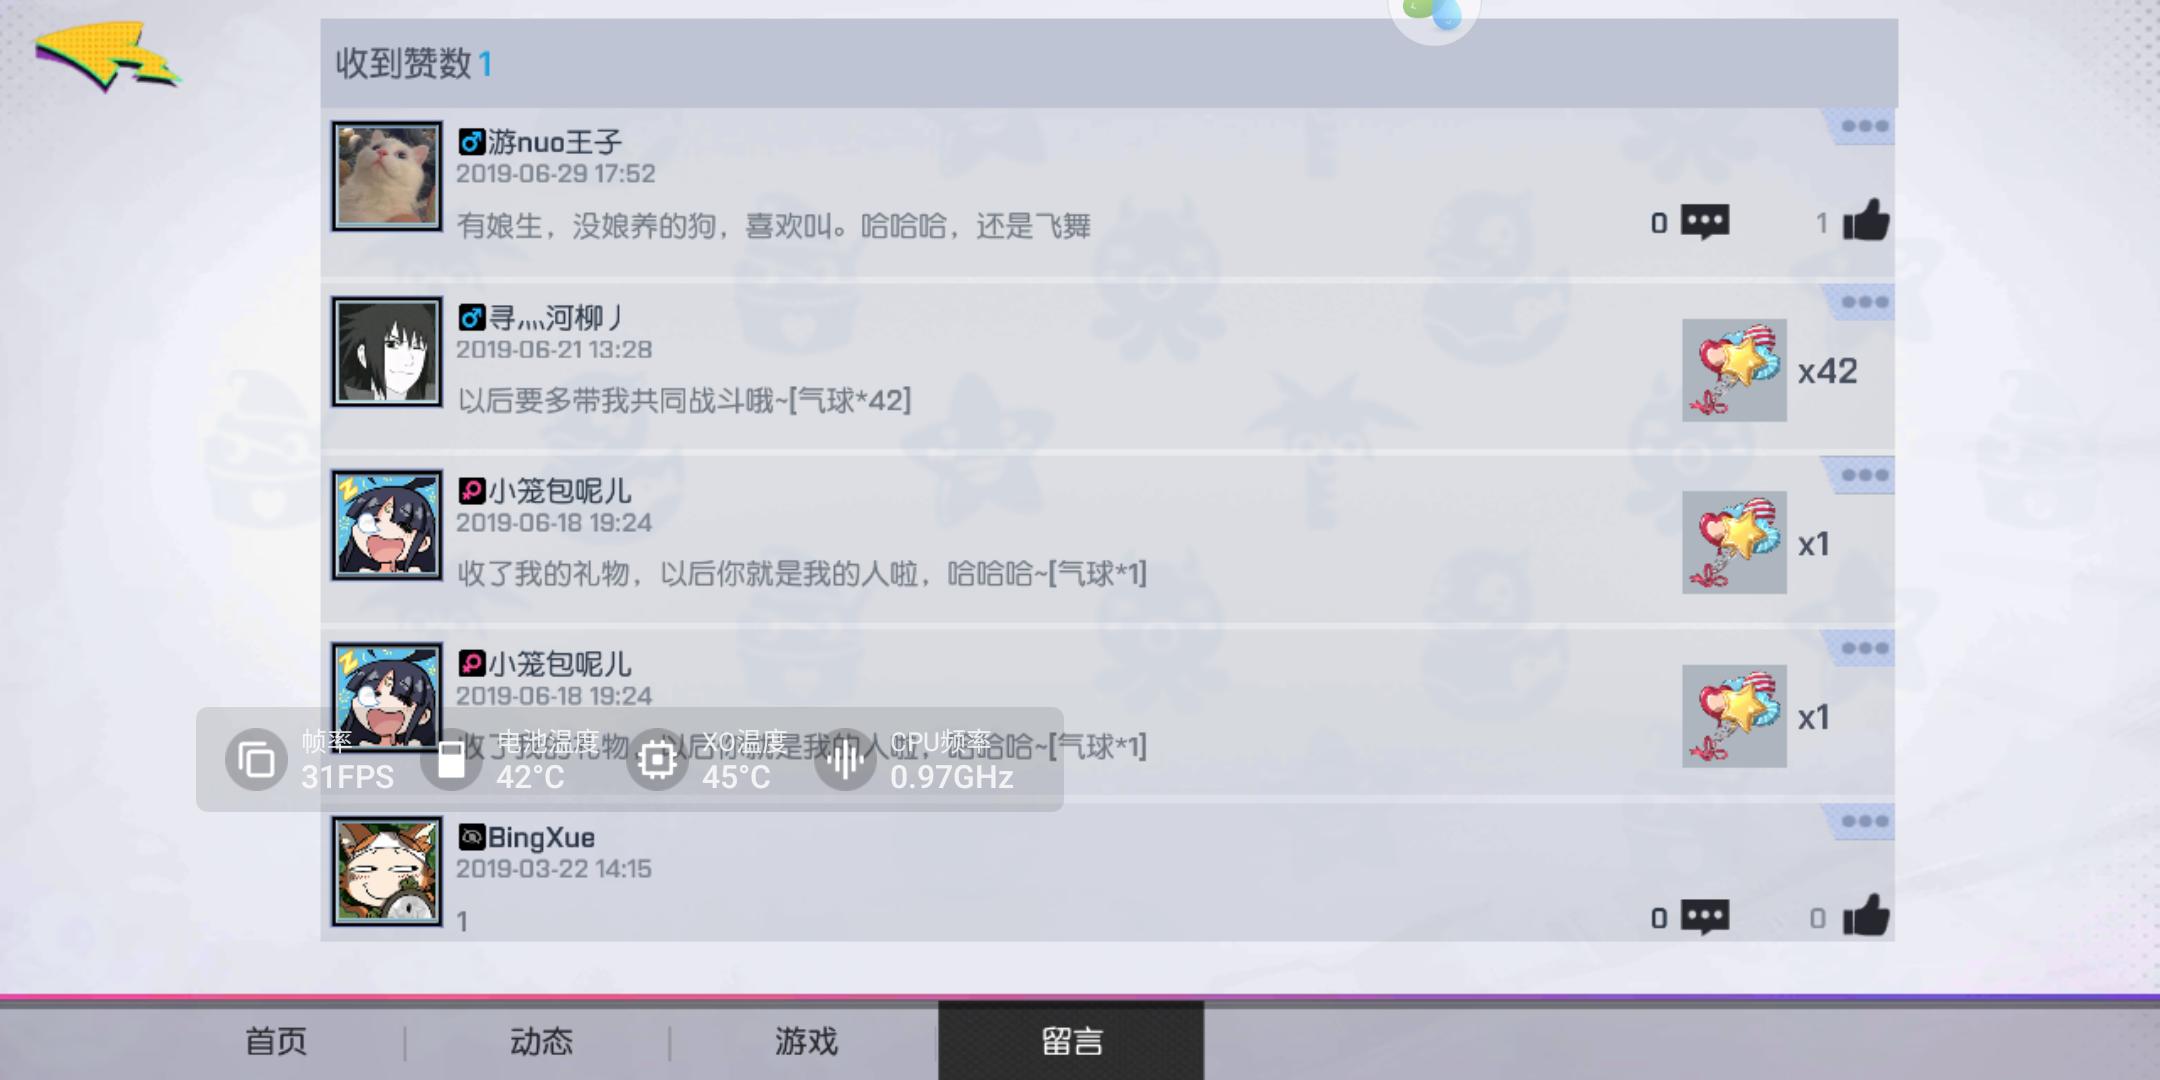 Screenshot_2019-06-29-18-30-51-182_com.netease.frxy.huawei.png